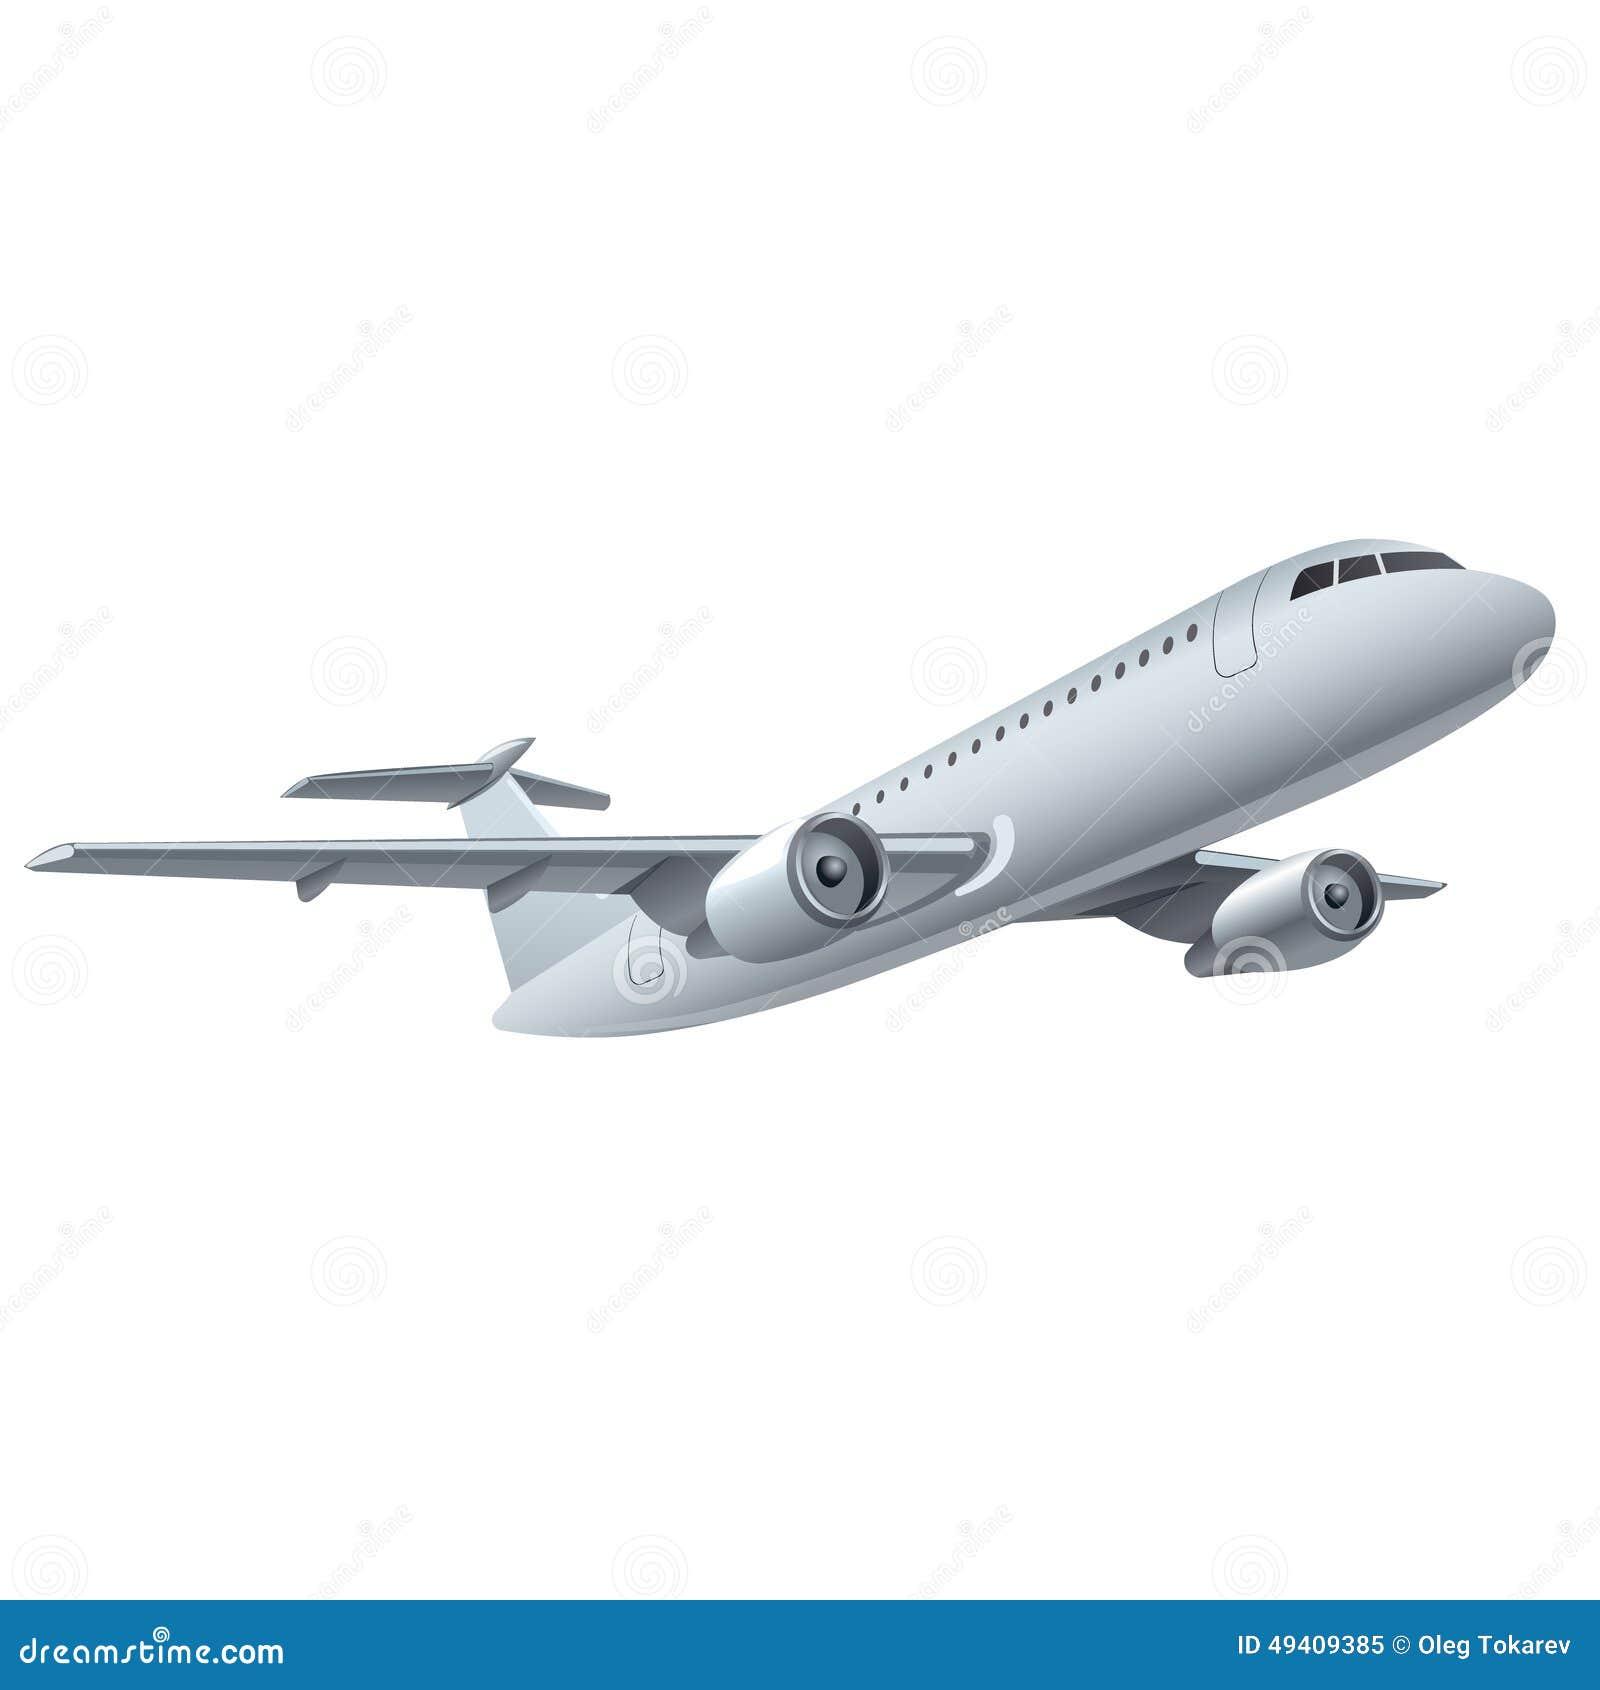 Download Jet-Flugzeug stock abbildung. Illustration von flug, flughafen - 49409385